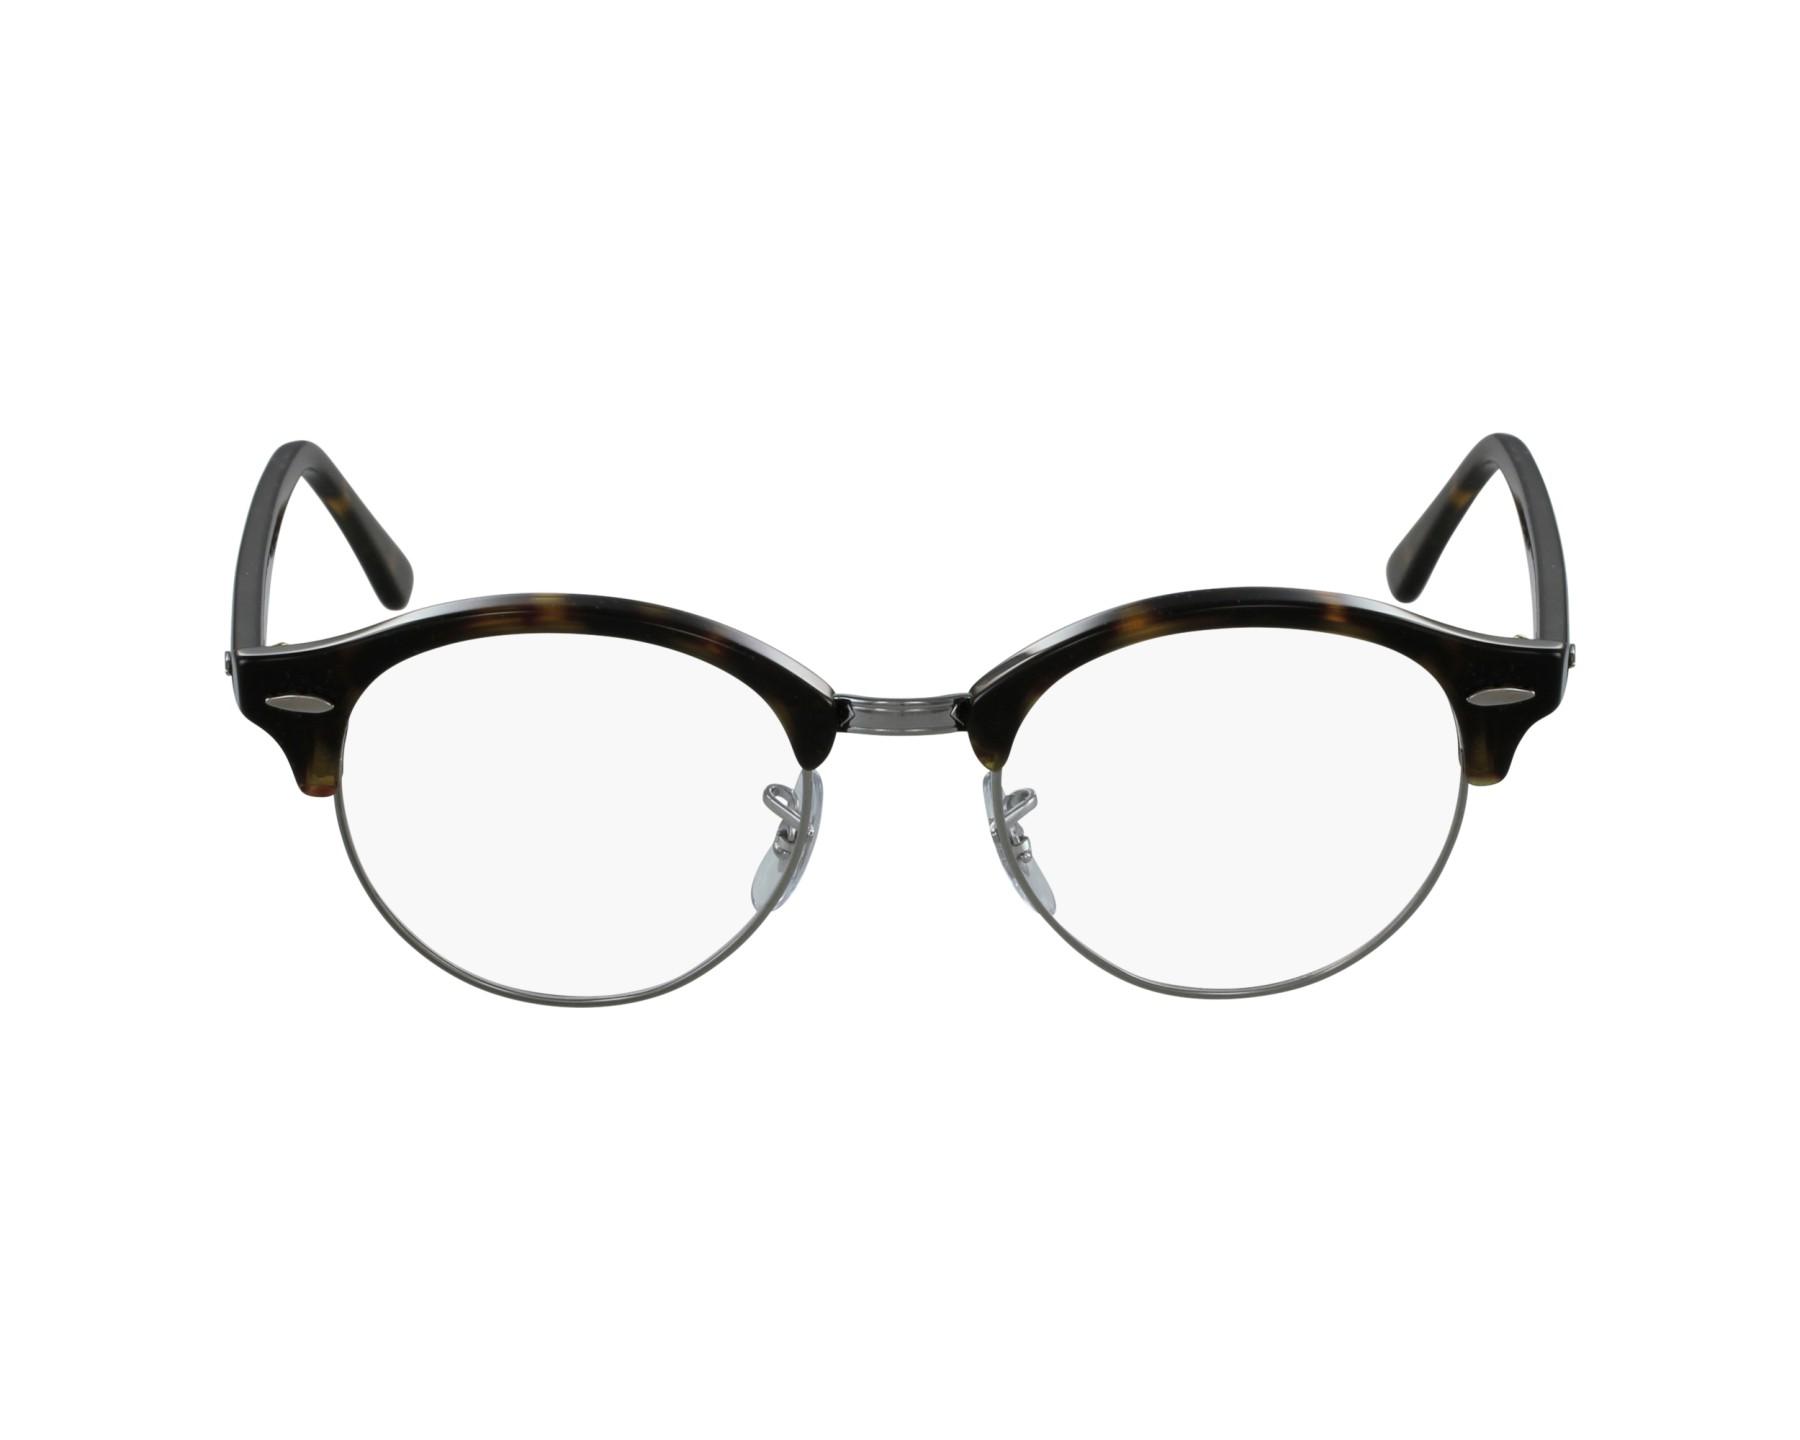 ray ban eyeglasses rx 4246 2012 havana visionet. Black Bedroom Furniture Sets. Home Design Ideas